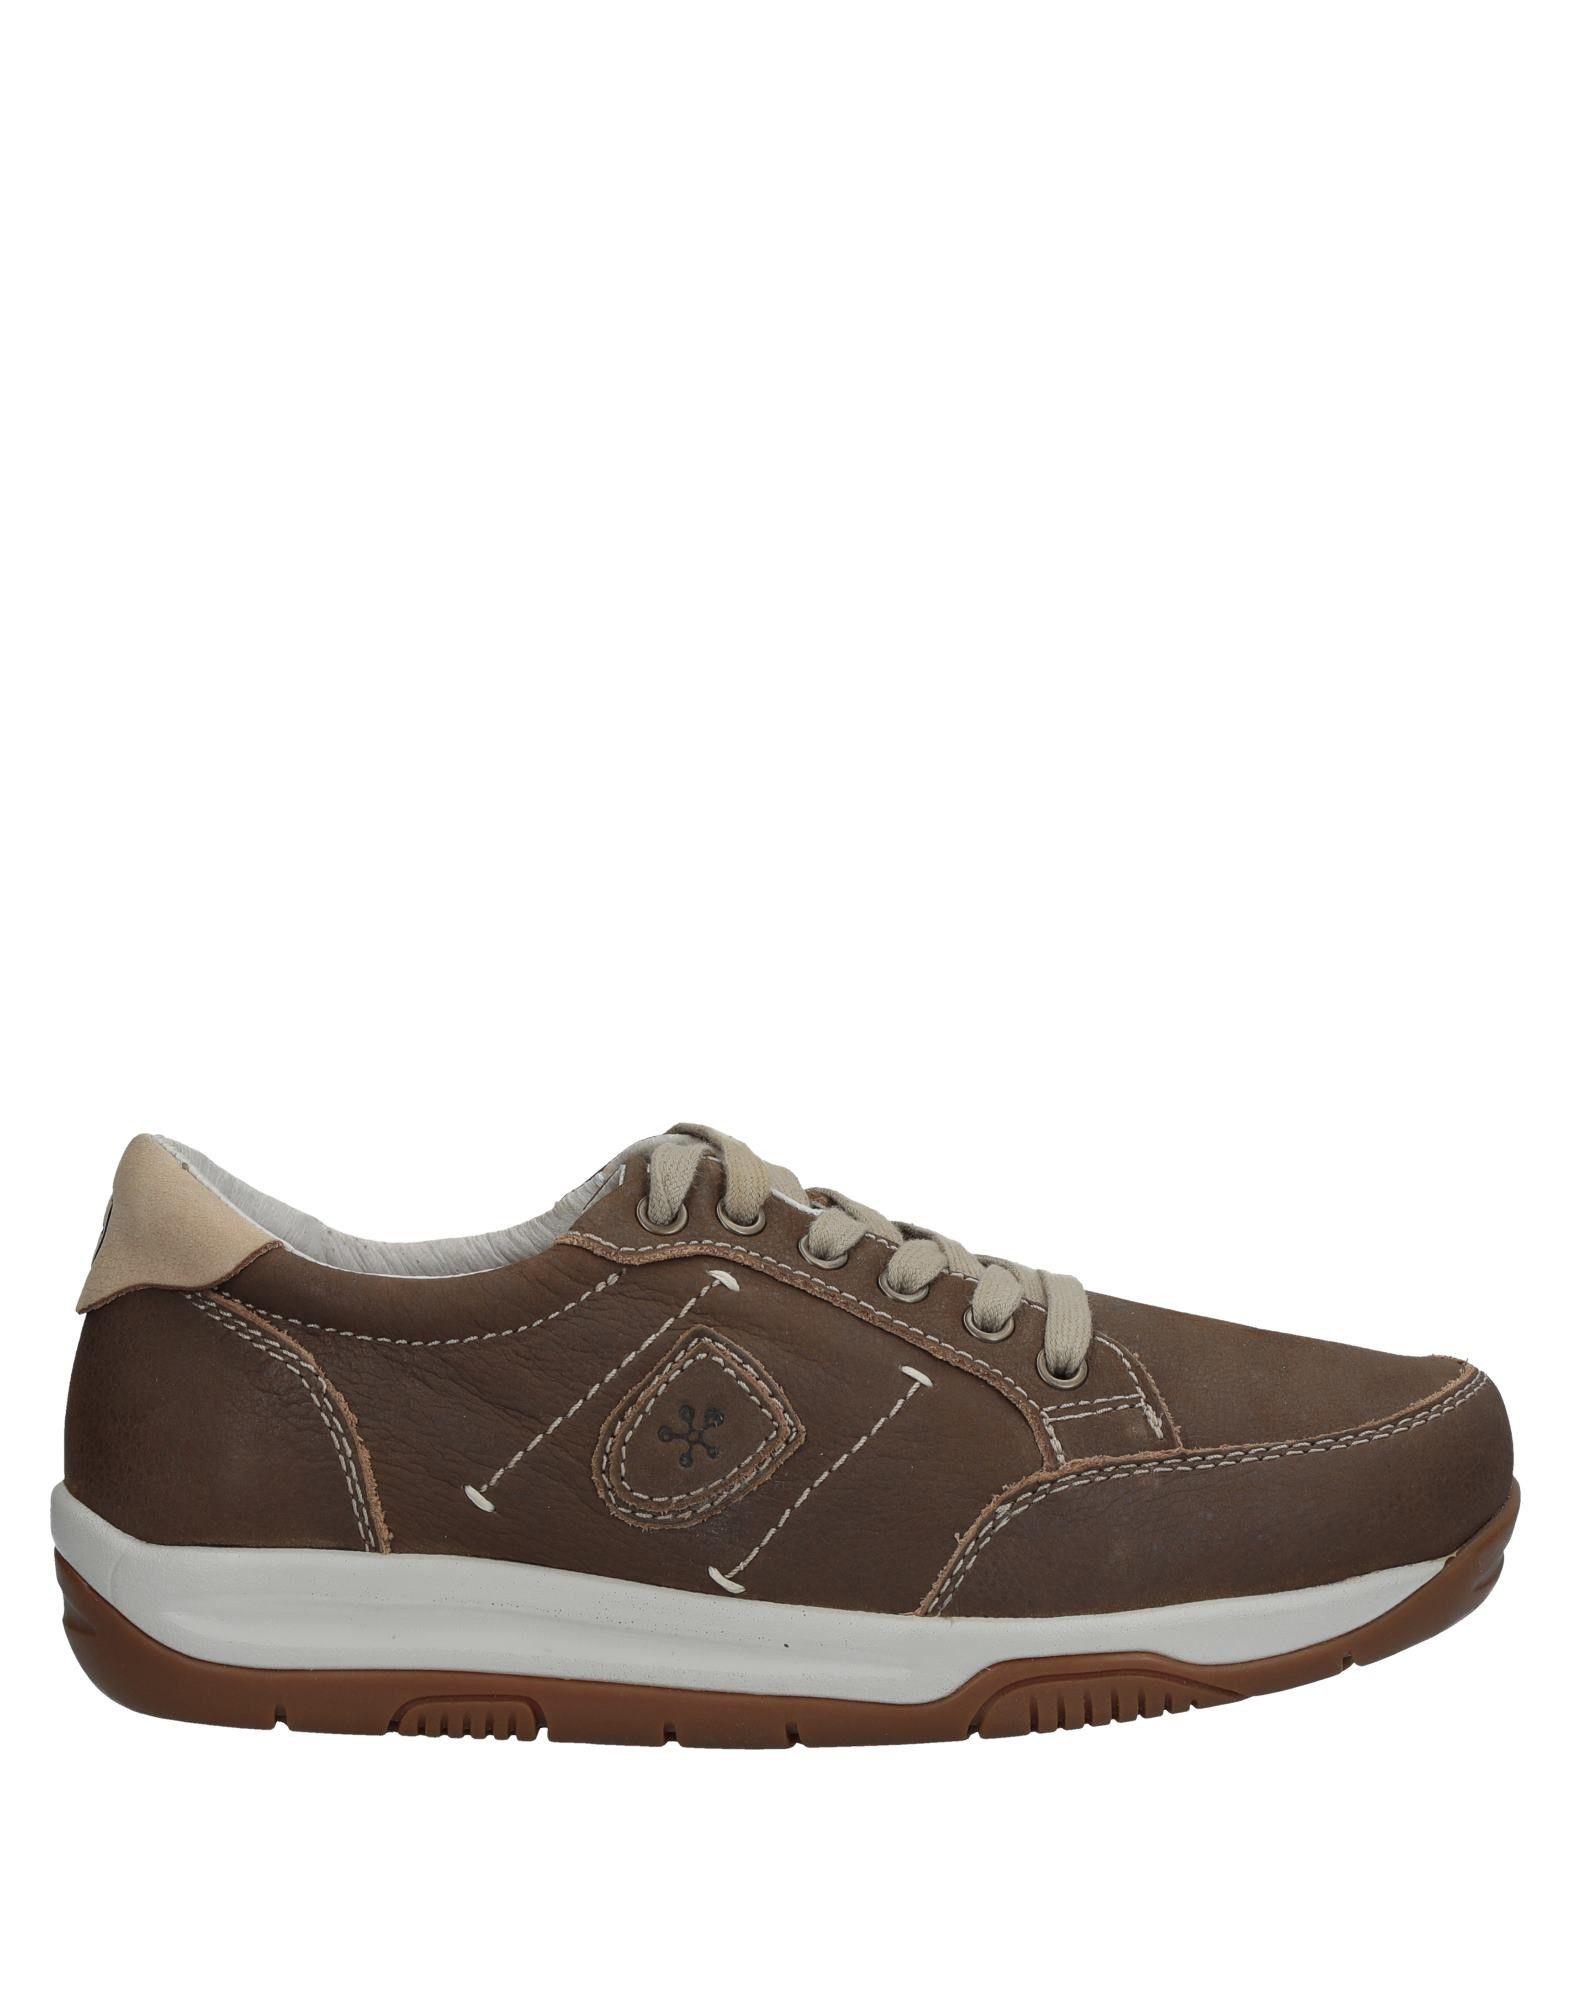 Swissies Sneakers Herren Herren Sneakers  11528297LU aa55e1